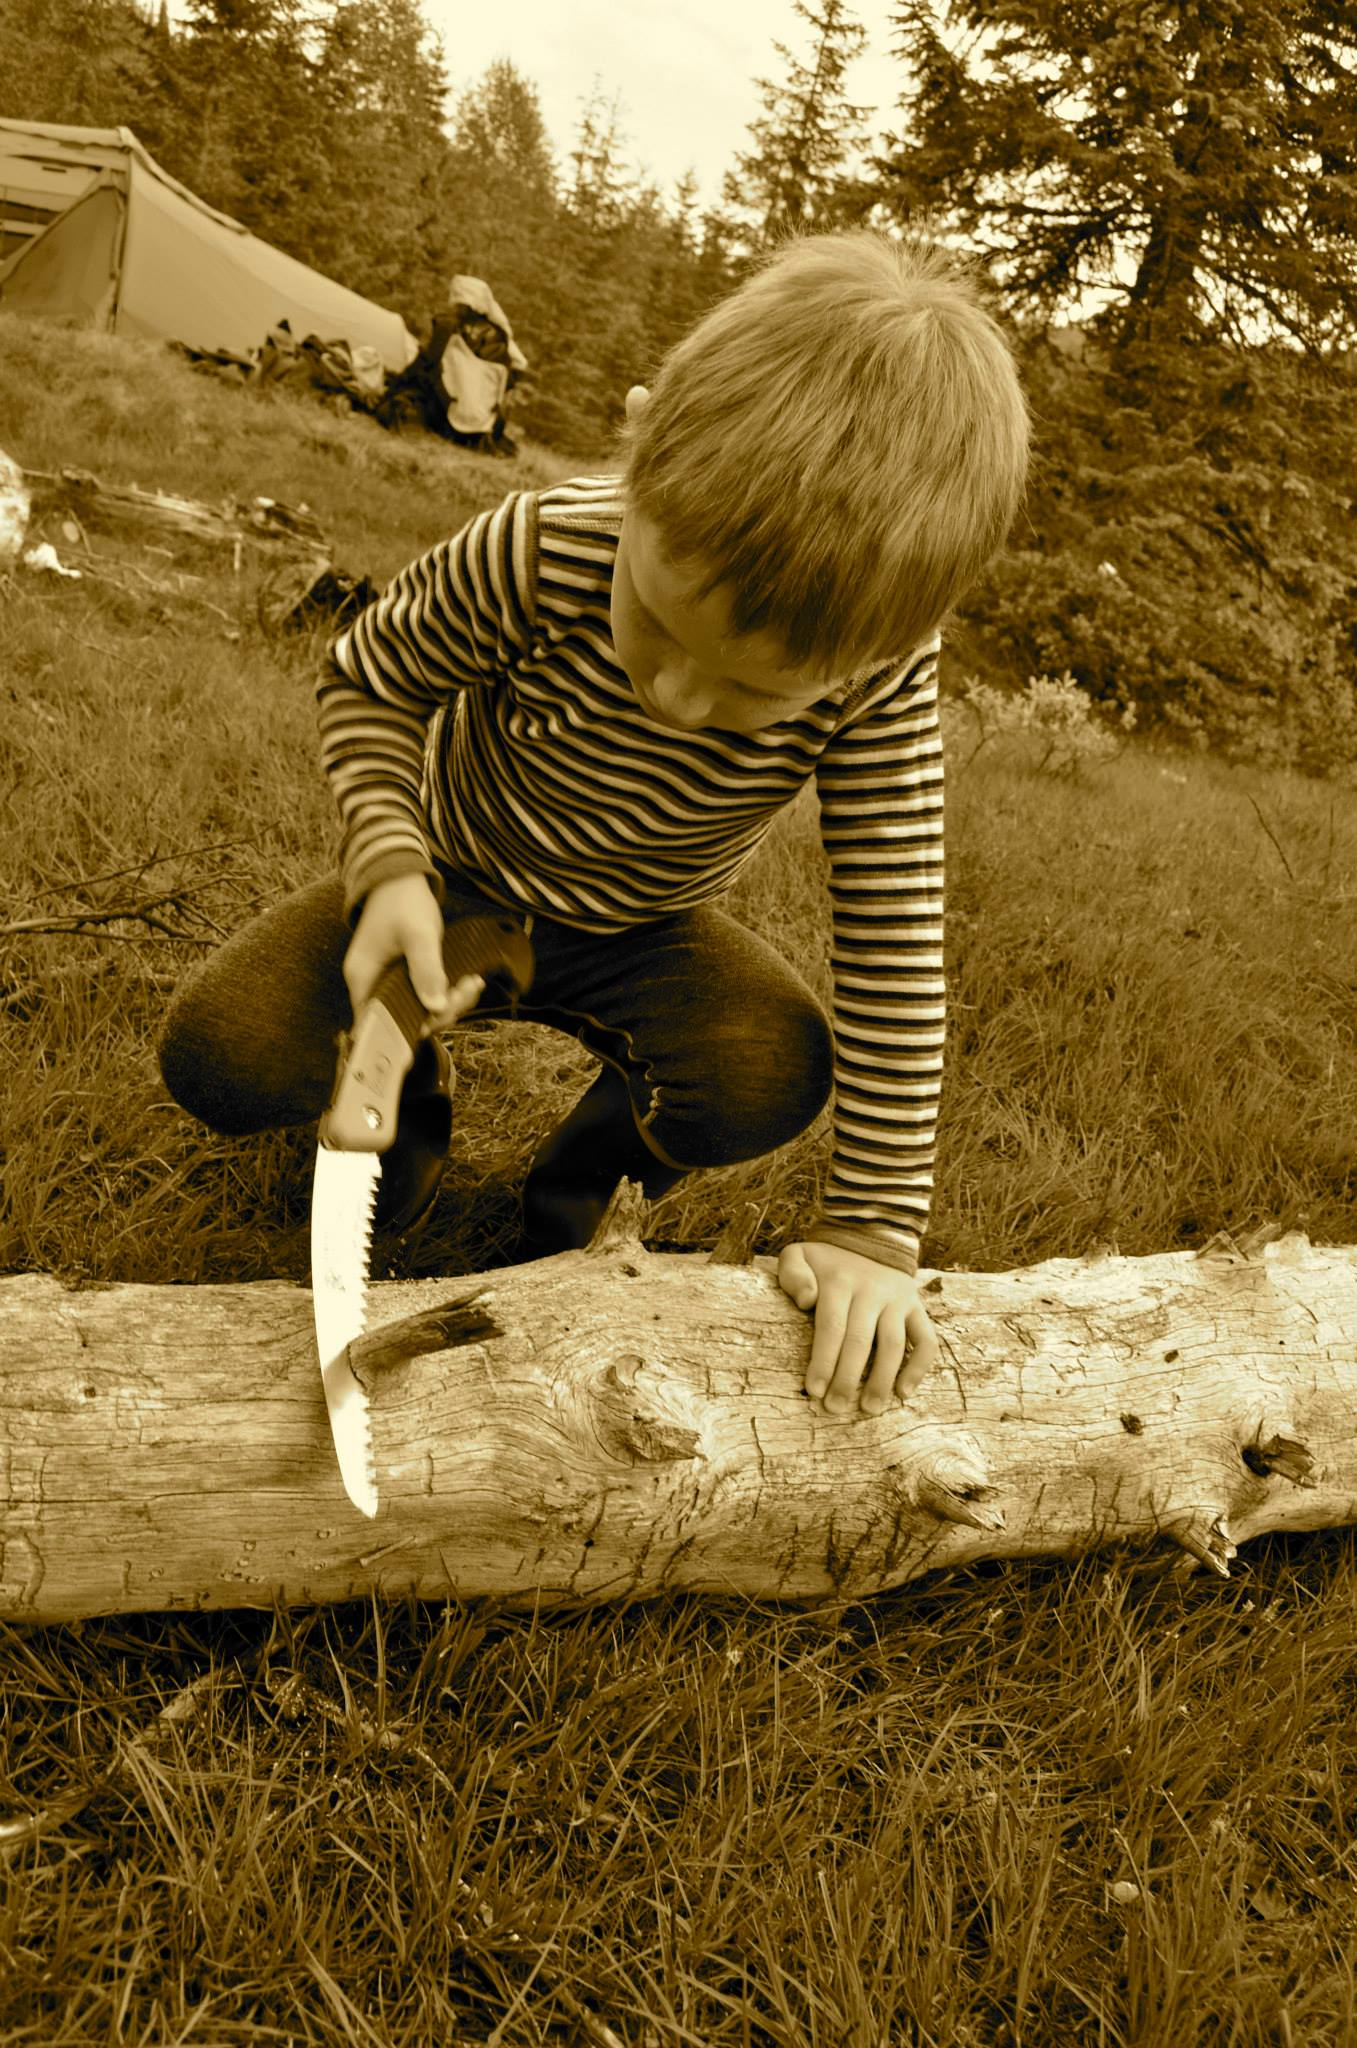 Gutten håndterer sag og kniv i en alder av seks år uten noen problemer.